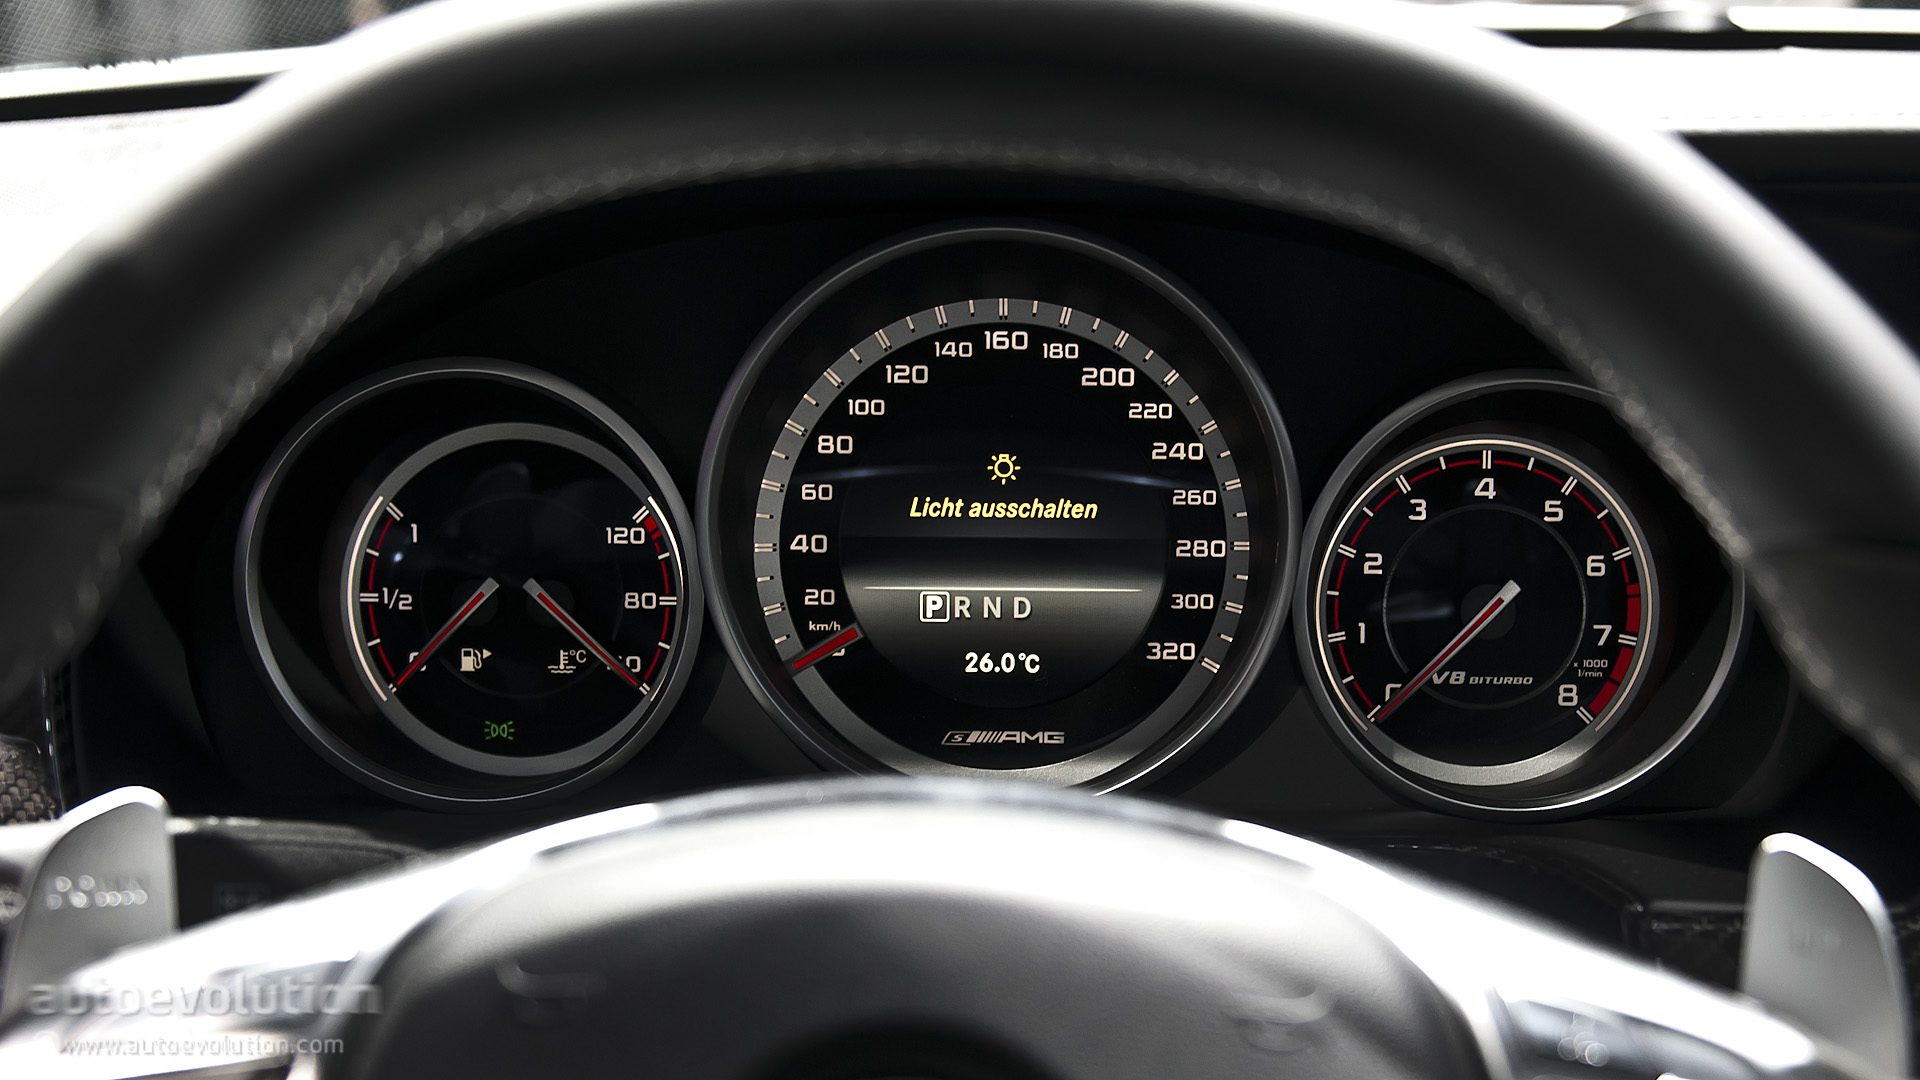 2013 NAIAS Mercedes Benz E63 AMG S 4MATIC Live Photos